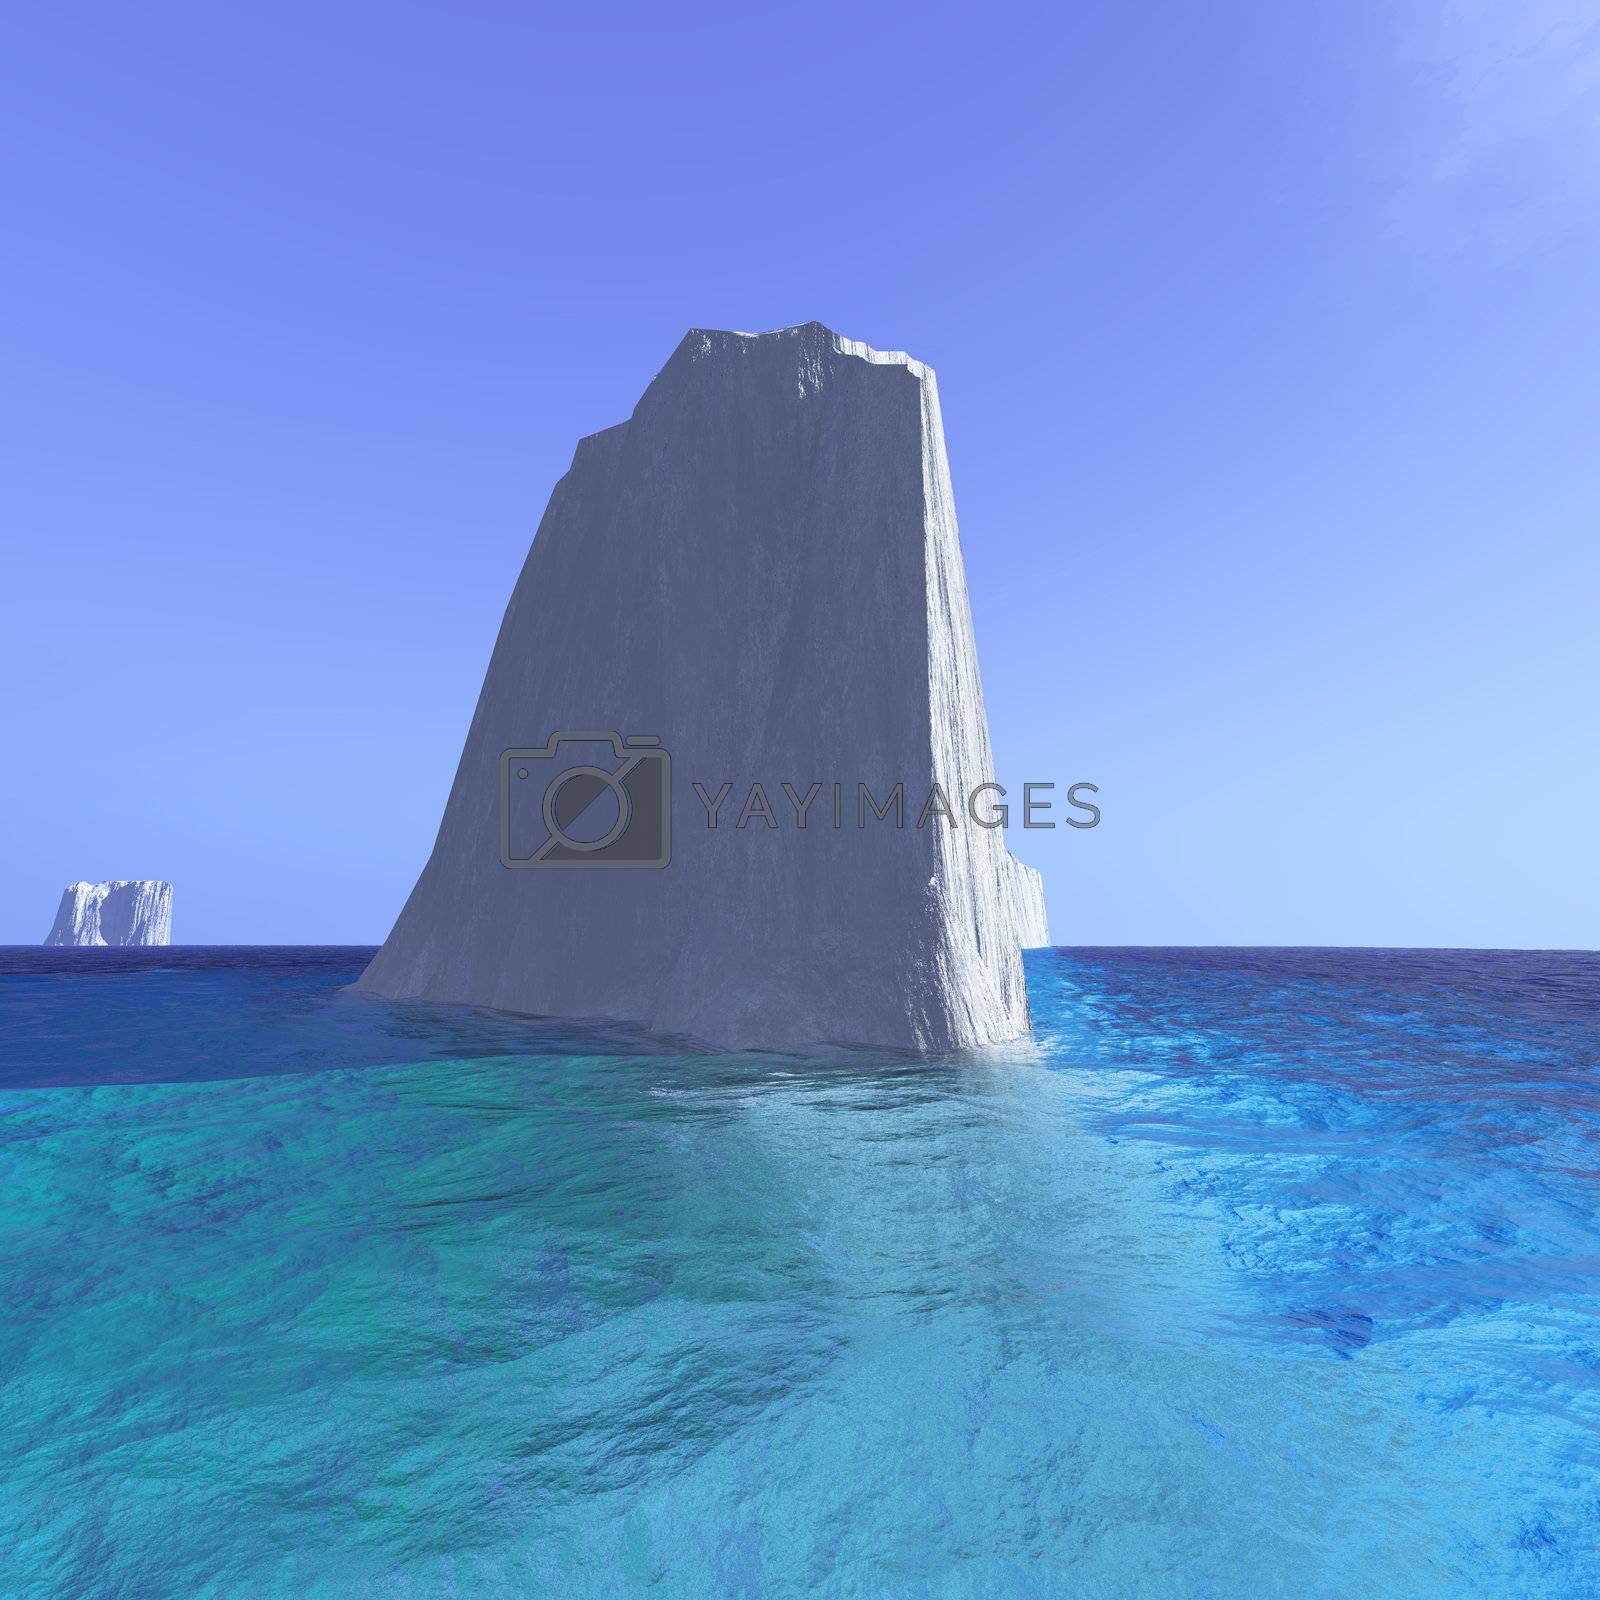 Icebergs roam the oceans of the world.